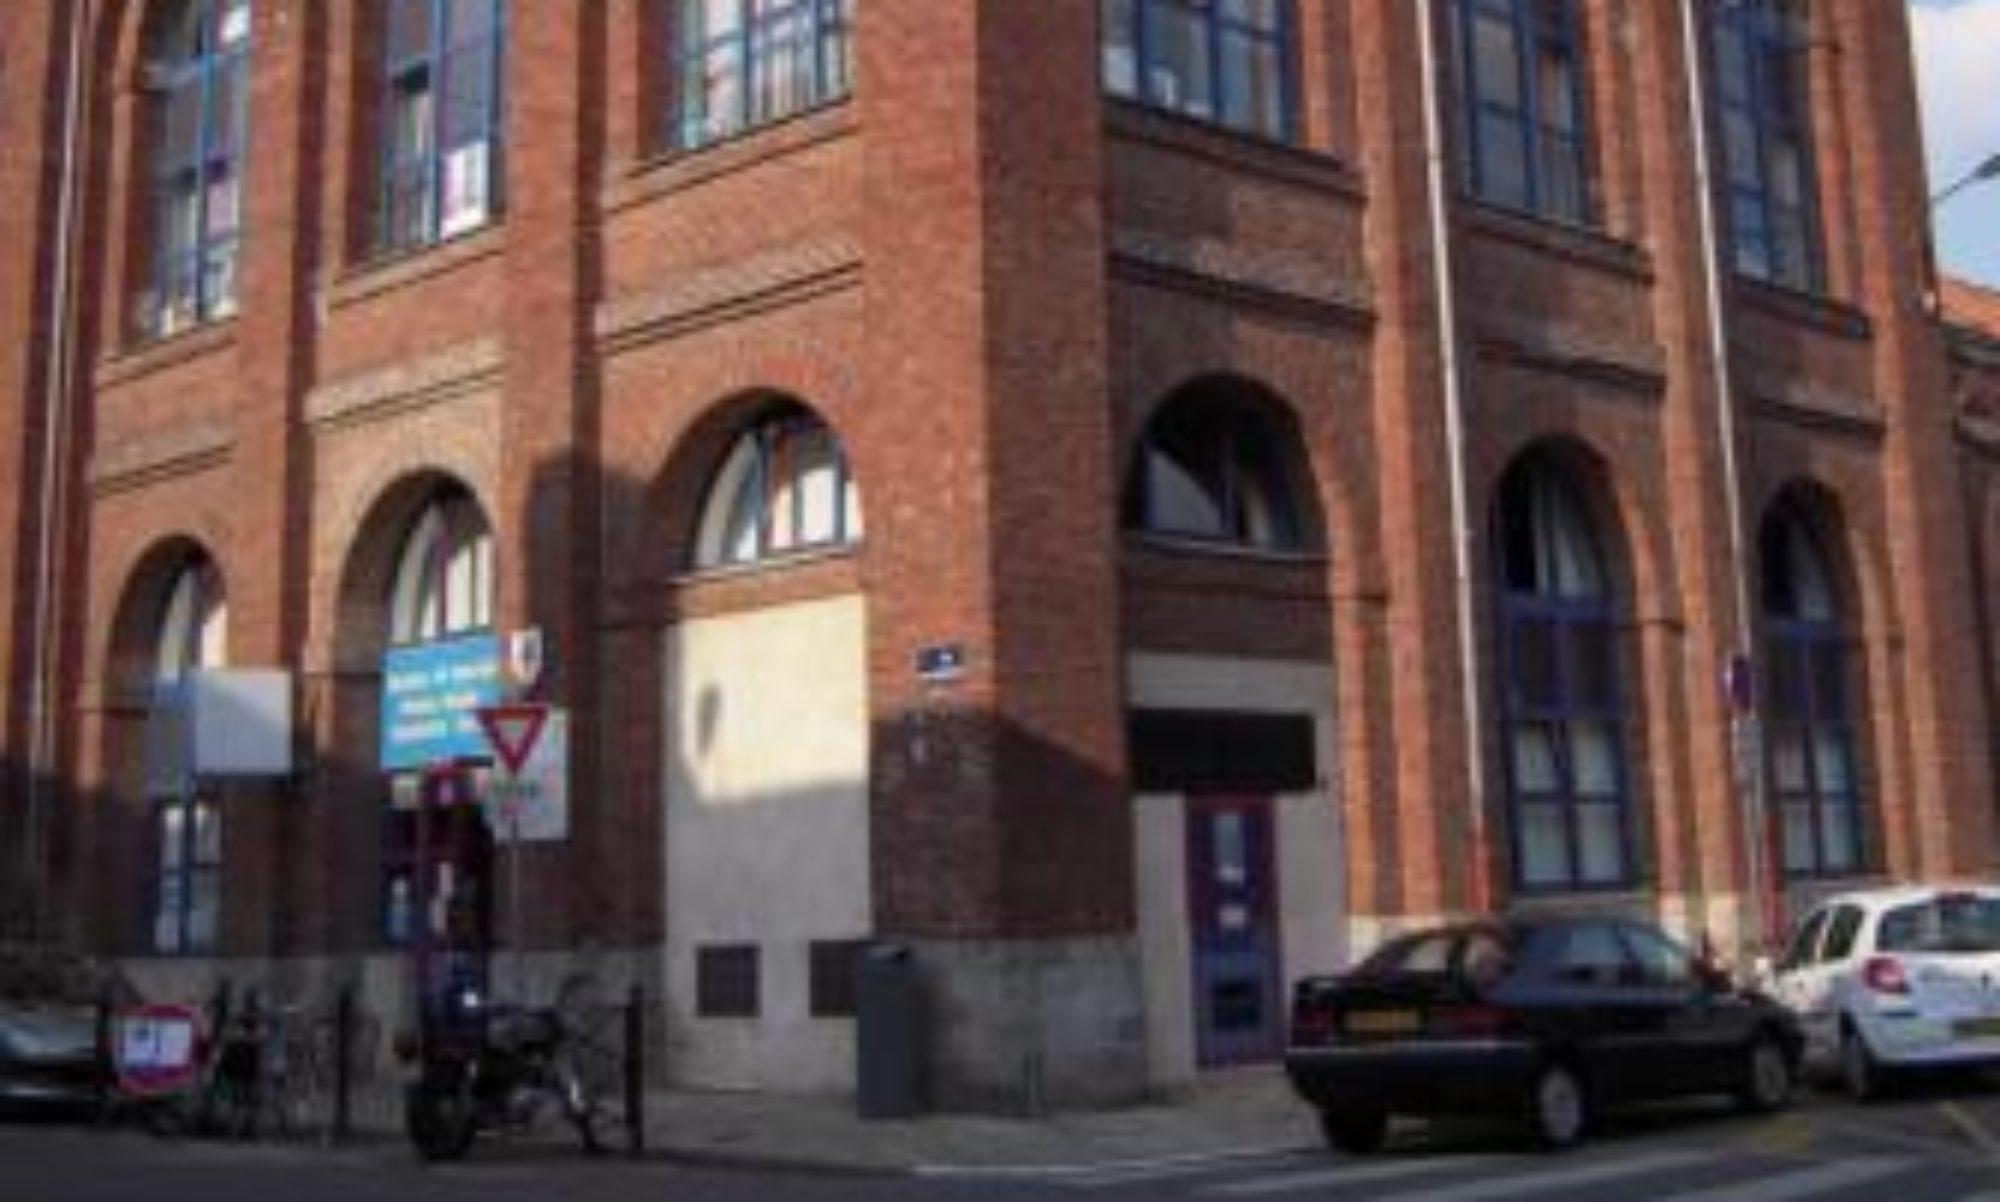 Maison de Quartier vieux Lille